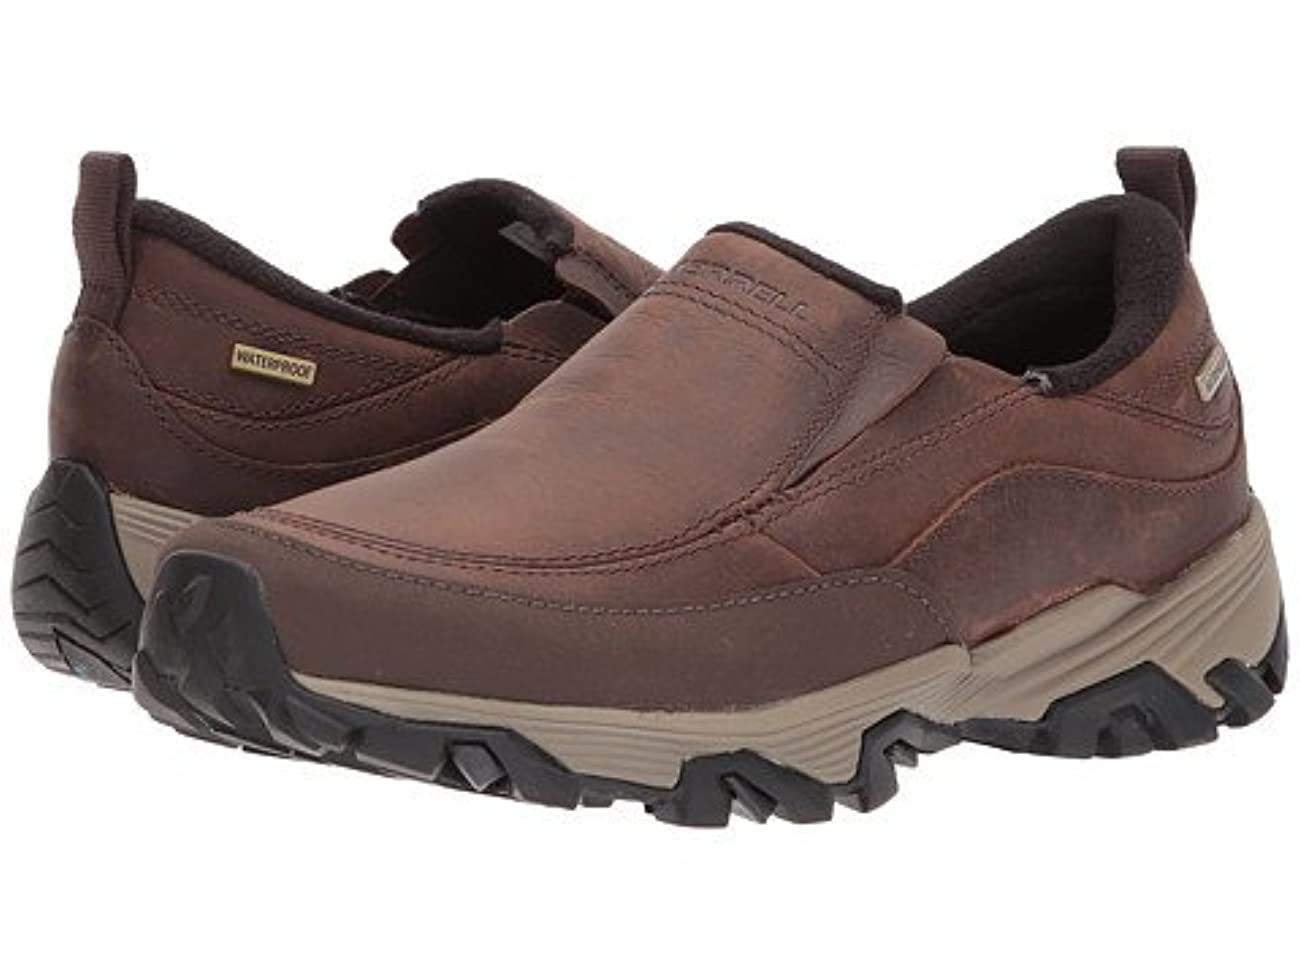 しっかり悩み多様な(メレル) MERRELL レディースウォーキングシューズ?スニーカー?靴 Coldpack Ice+ Moc Waterproof Cinnamon 8 25cm M [並行輸入品]